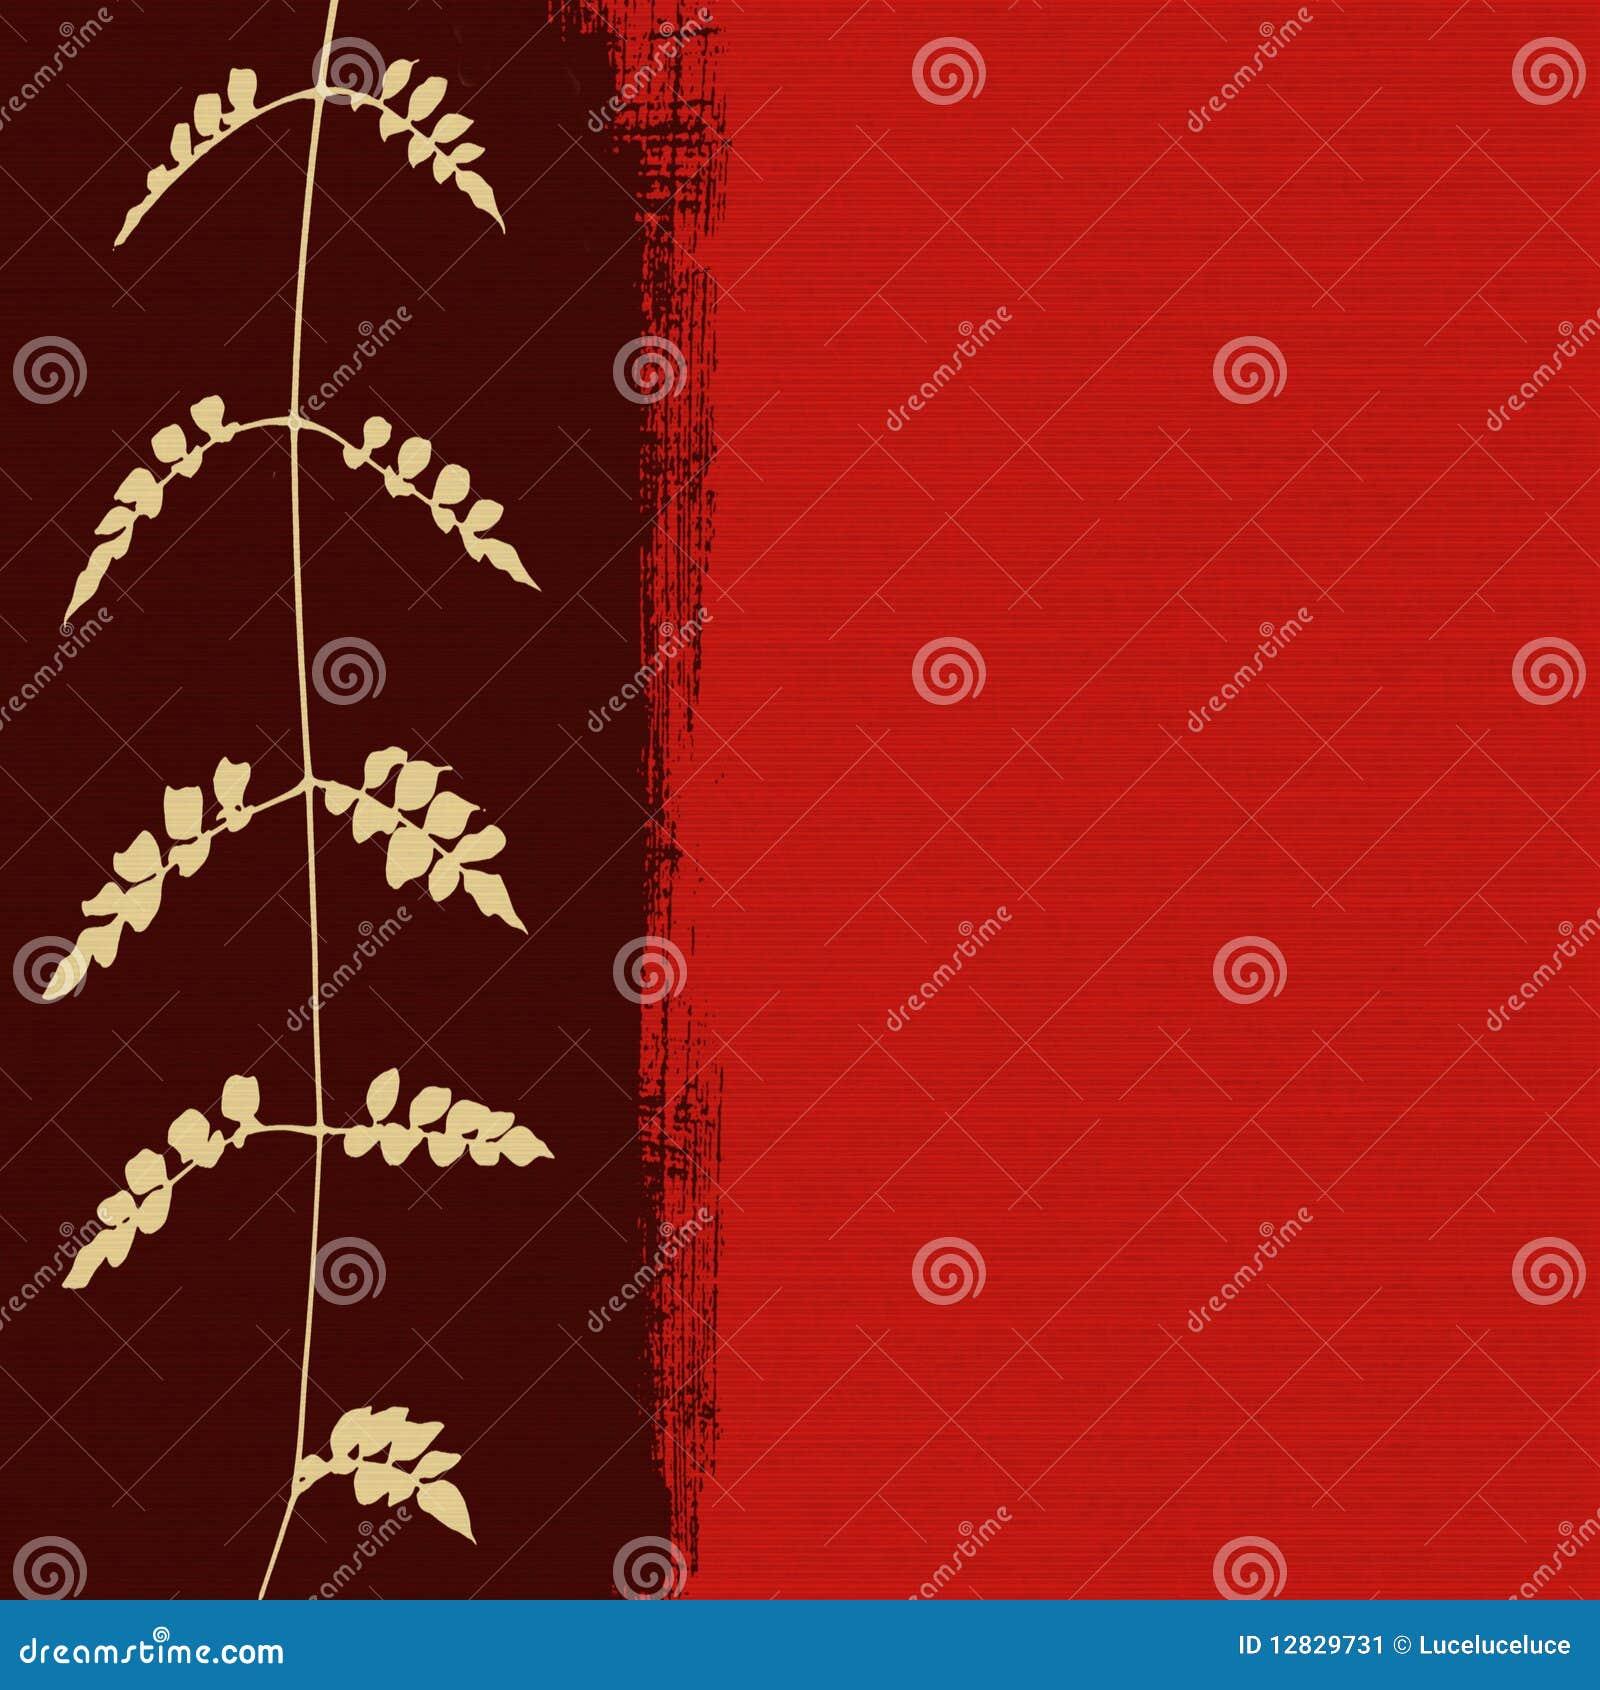 White för silhouette för bakgrundslövverk röd